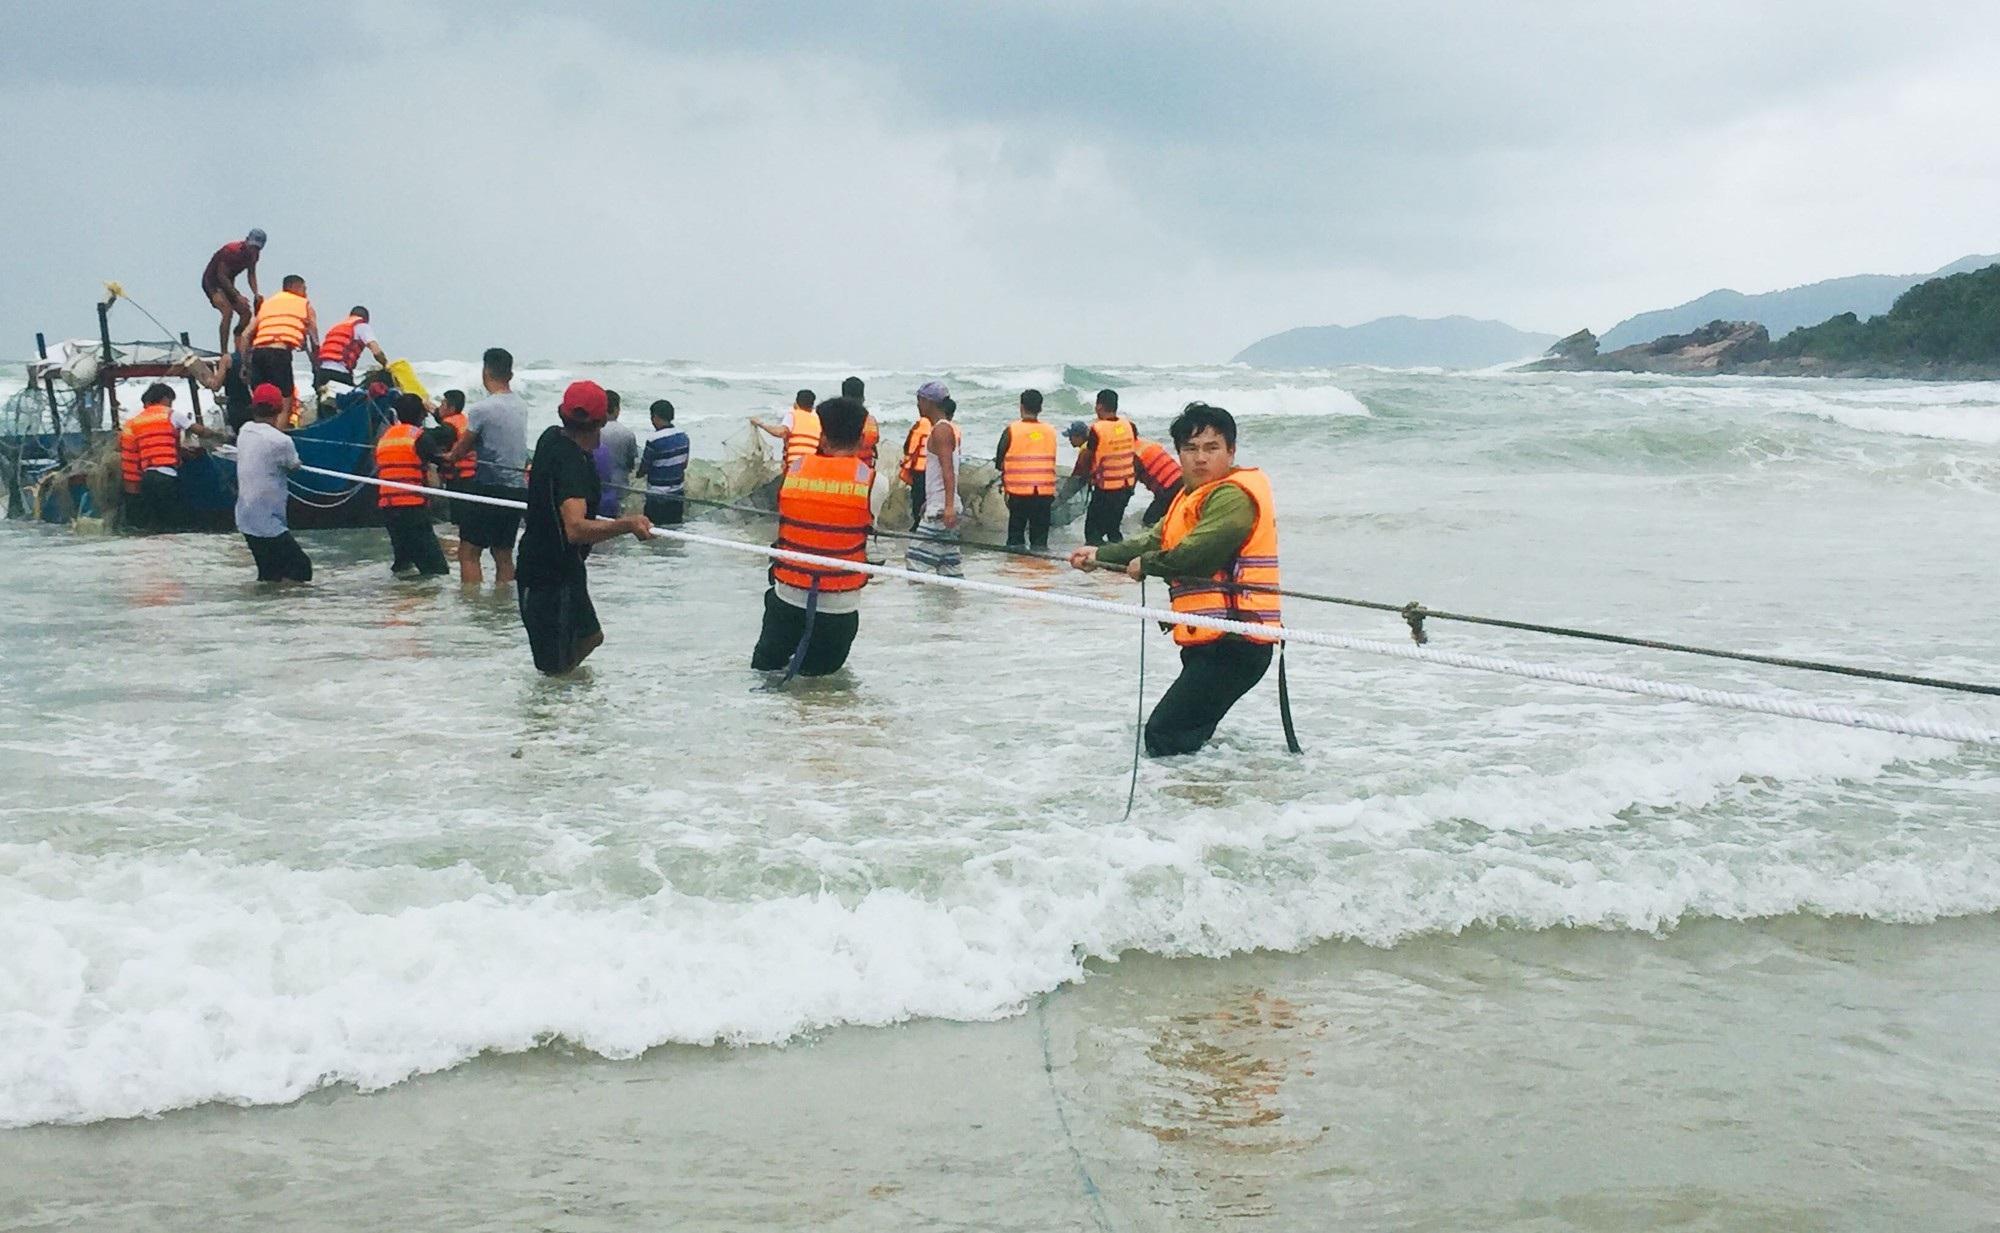 2 ngư dân đi trên ghe bị sóng biển đánh chìm - Ảnh 1.